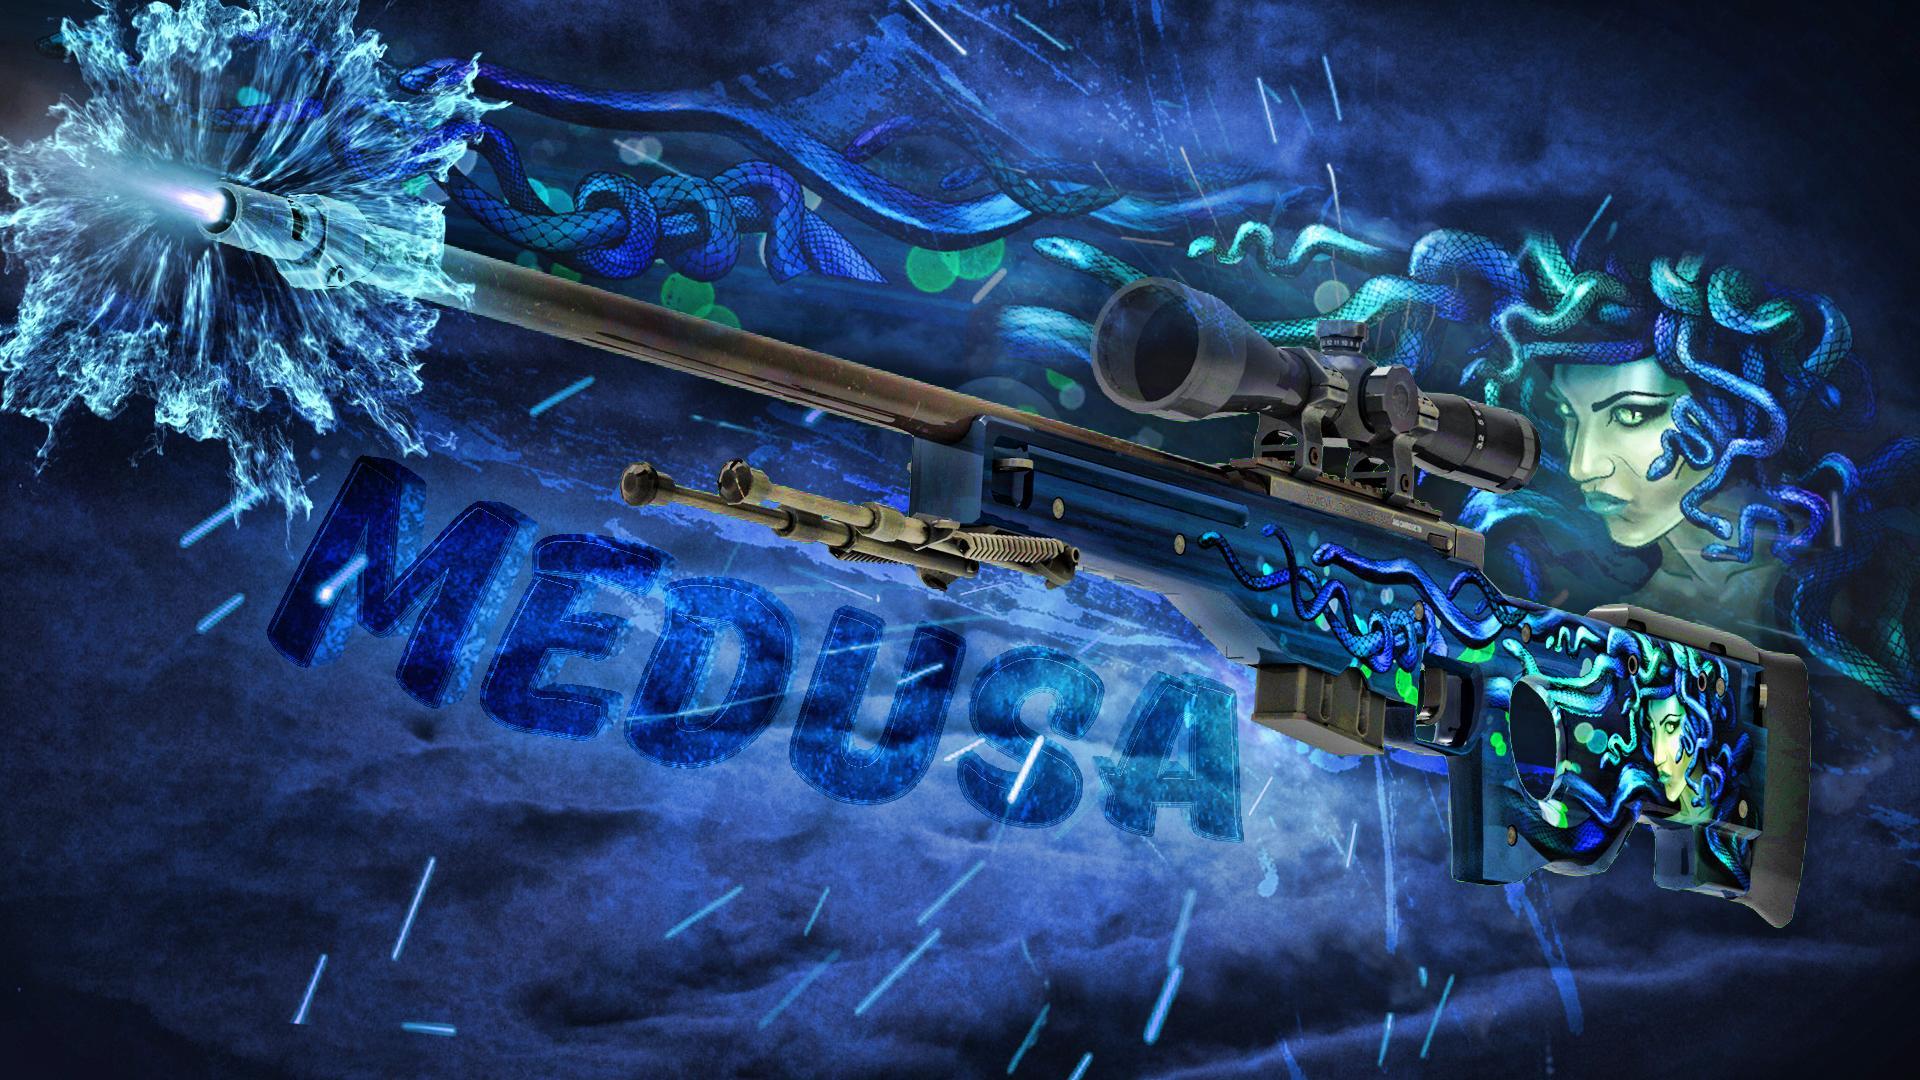 AWP Medusa created by Doud | CSGO